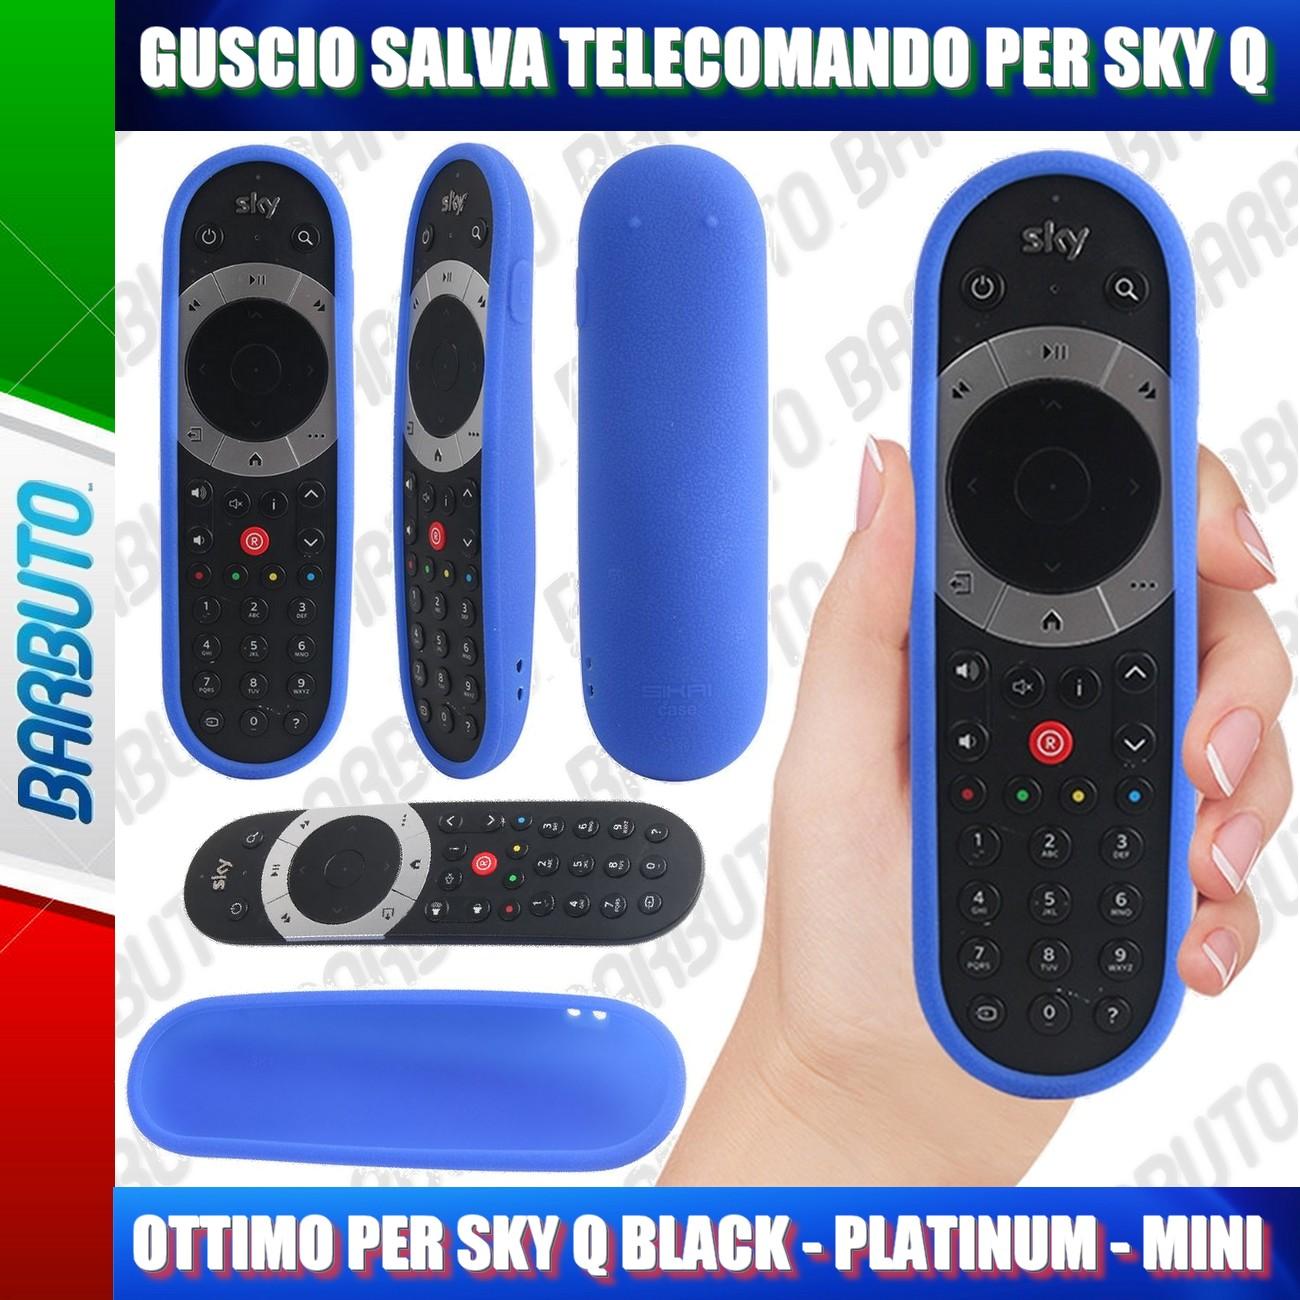 Telecomando sky q mini